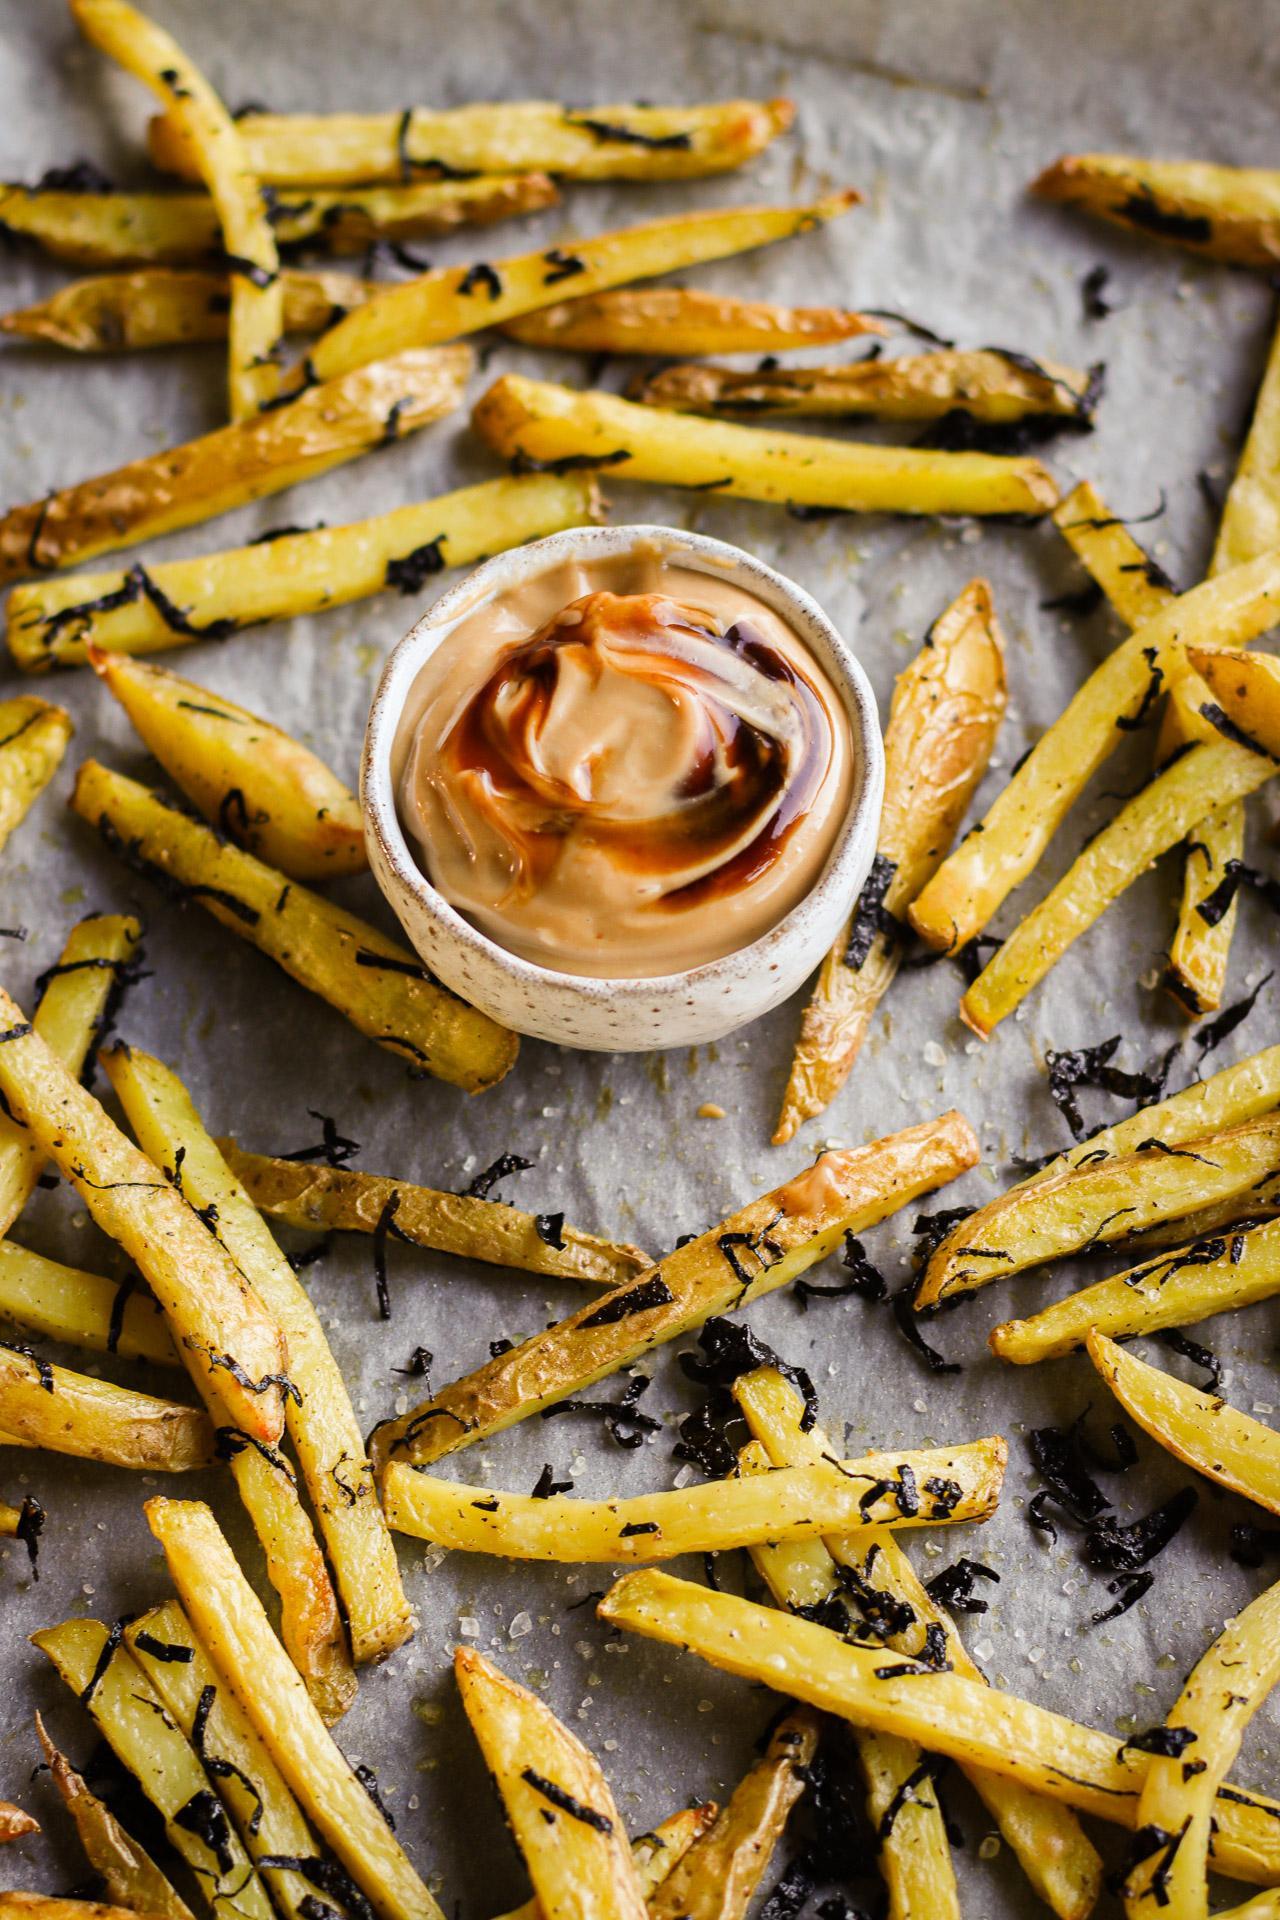 Main image of Seaweed Baked Fries with Hoisin Mayo & Sriracha Mayo